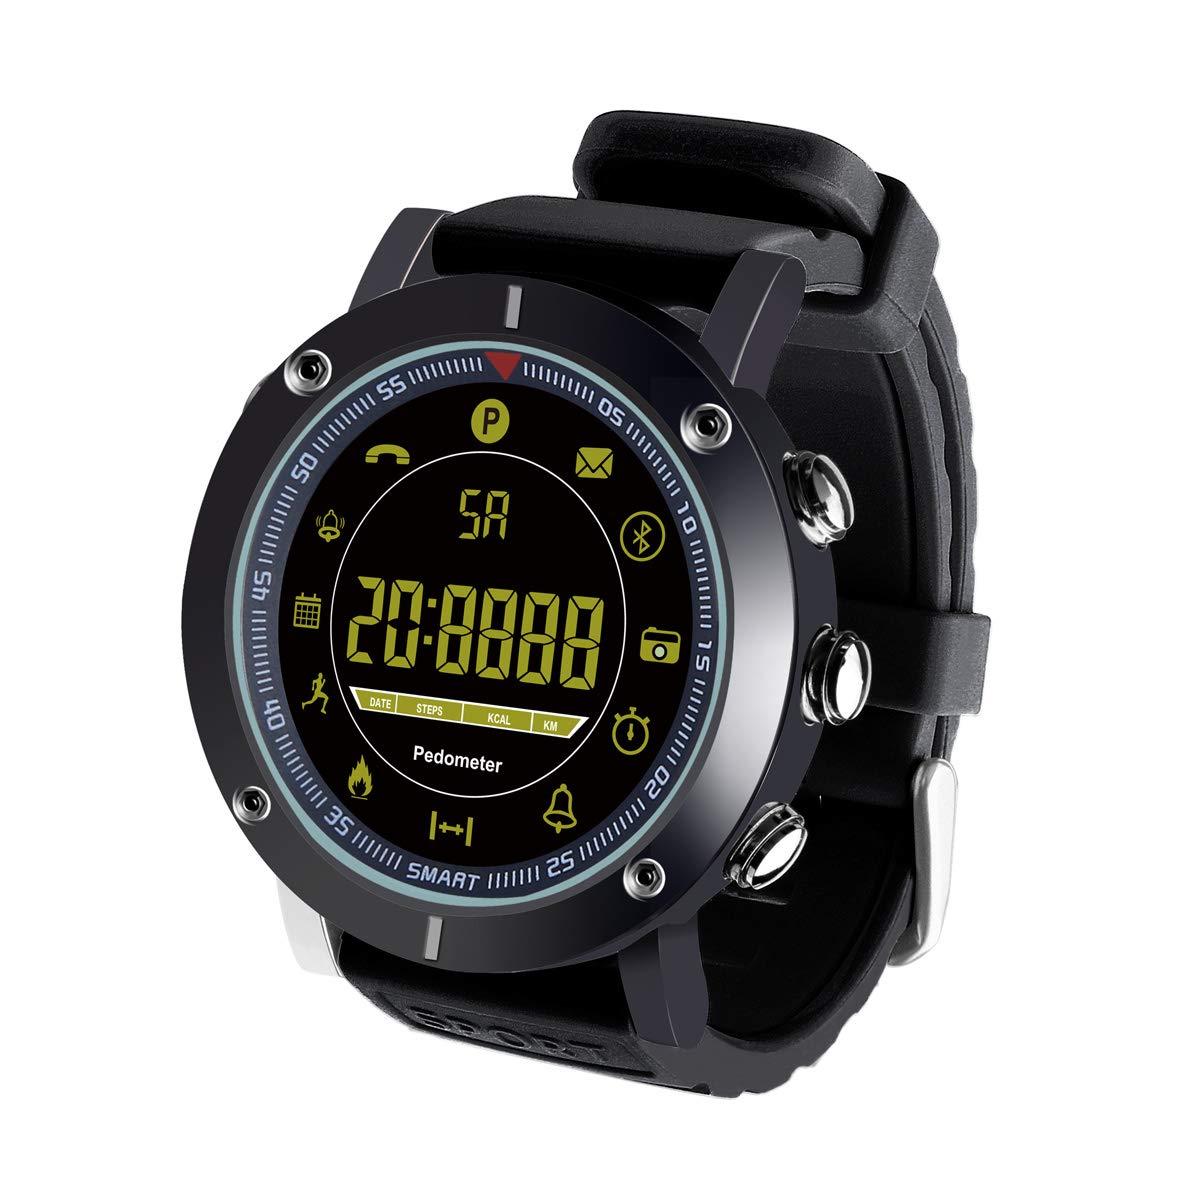 Smartwatch Impermeable IP68 Reloj inteligente Reloj Deportivo Hombre Mujer Fitness tracker Pulsera Actividad para Android y IOS